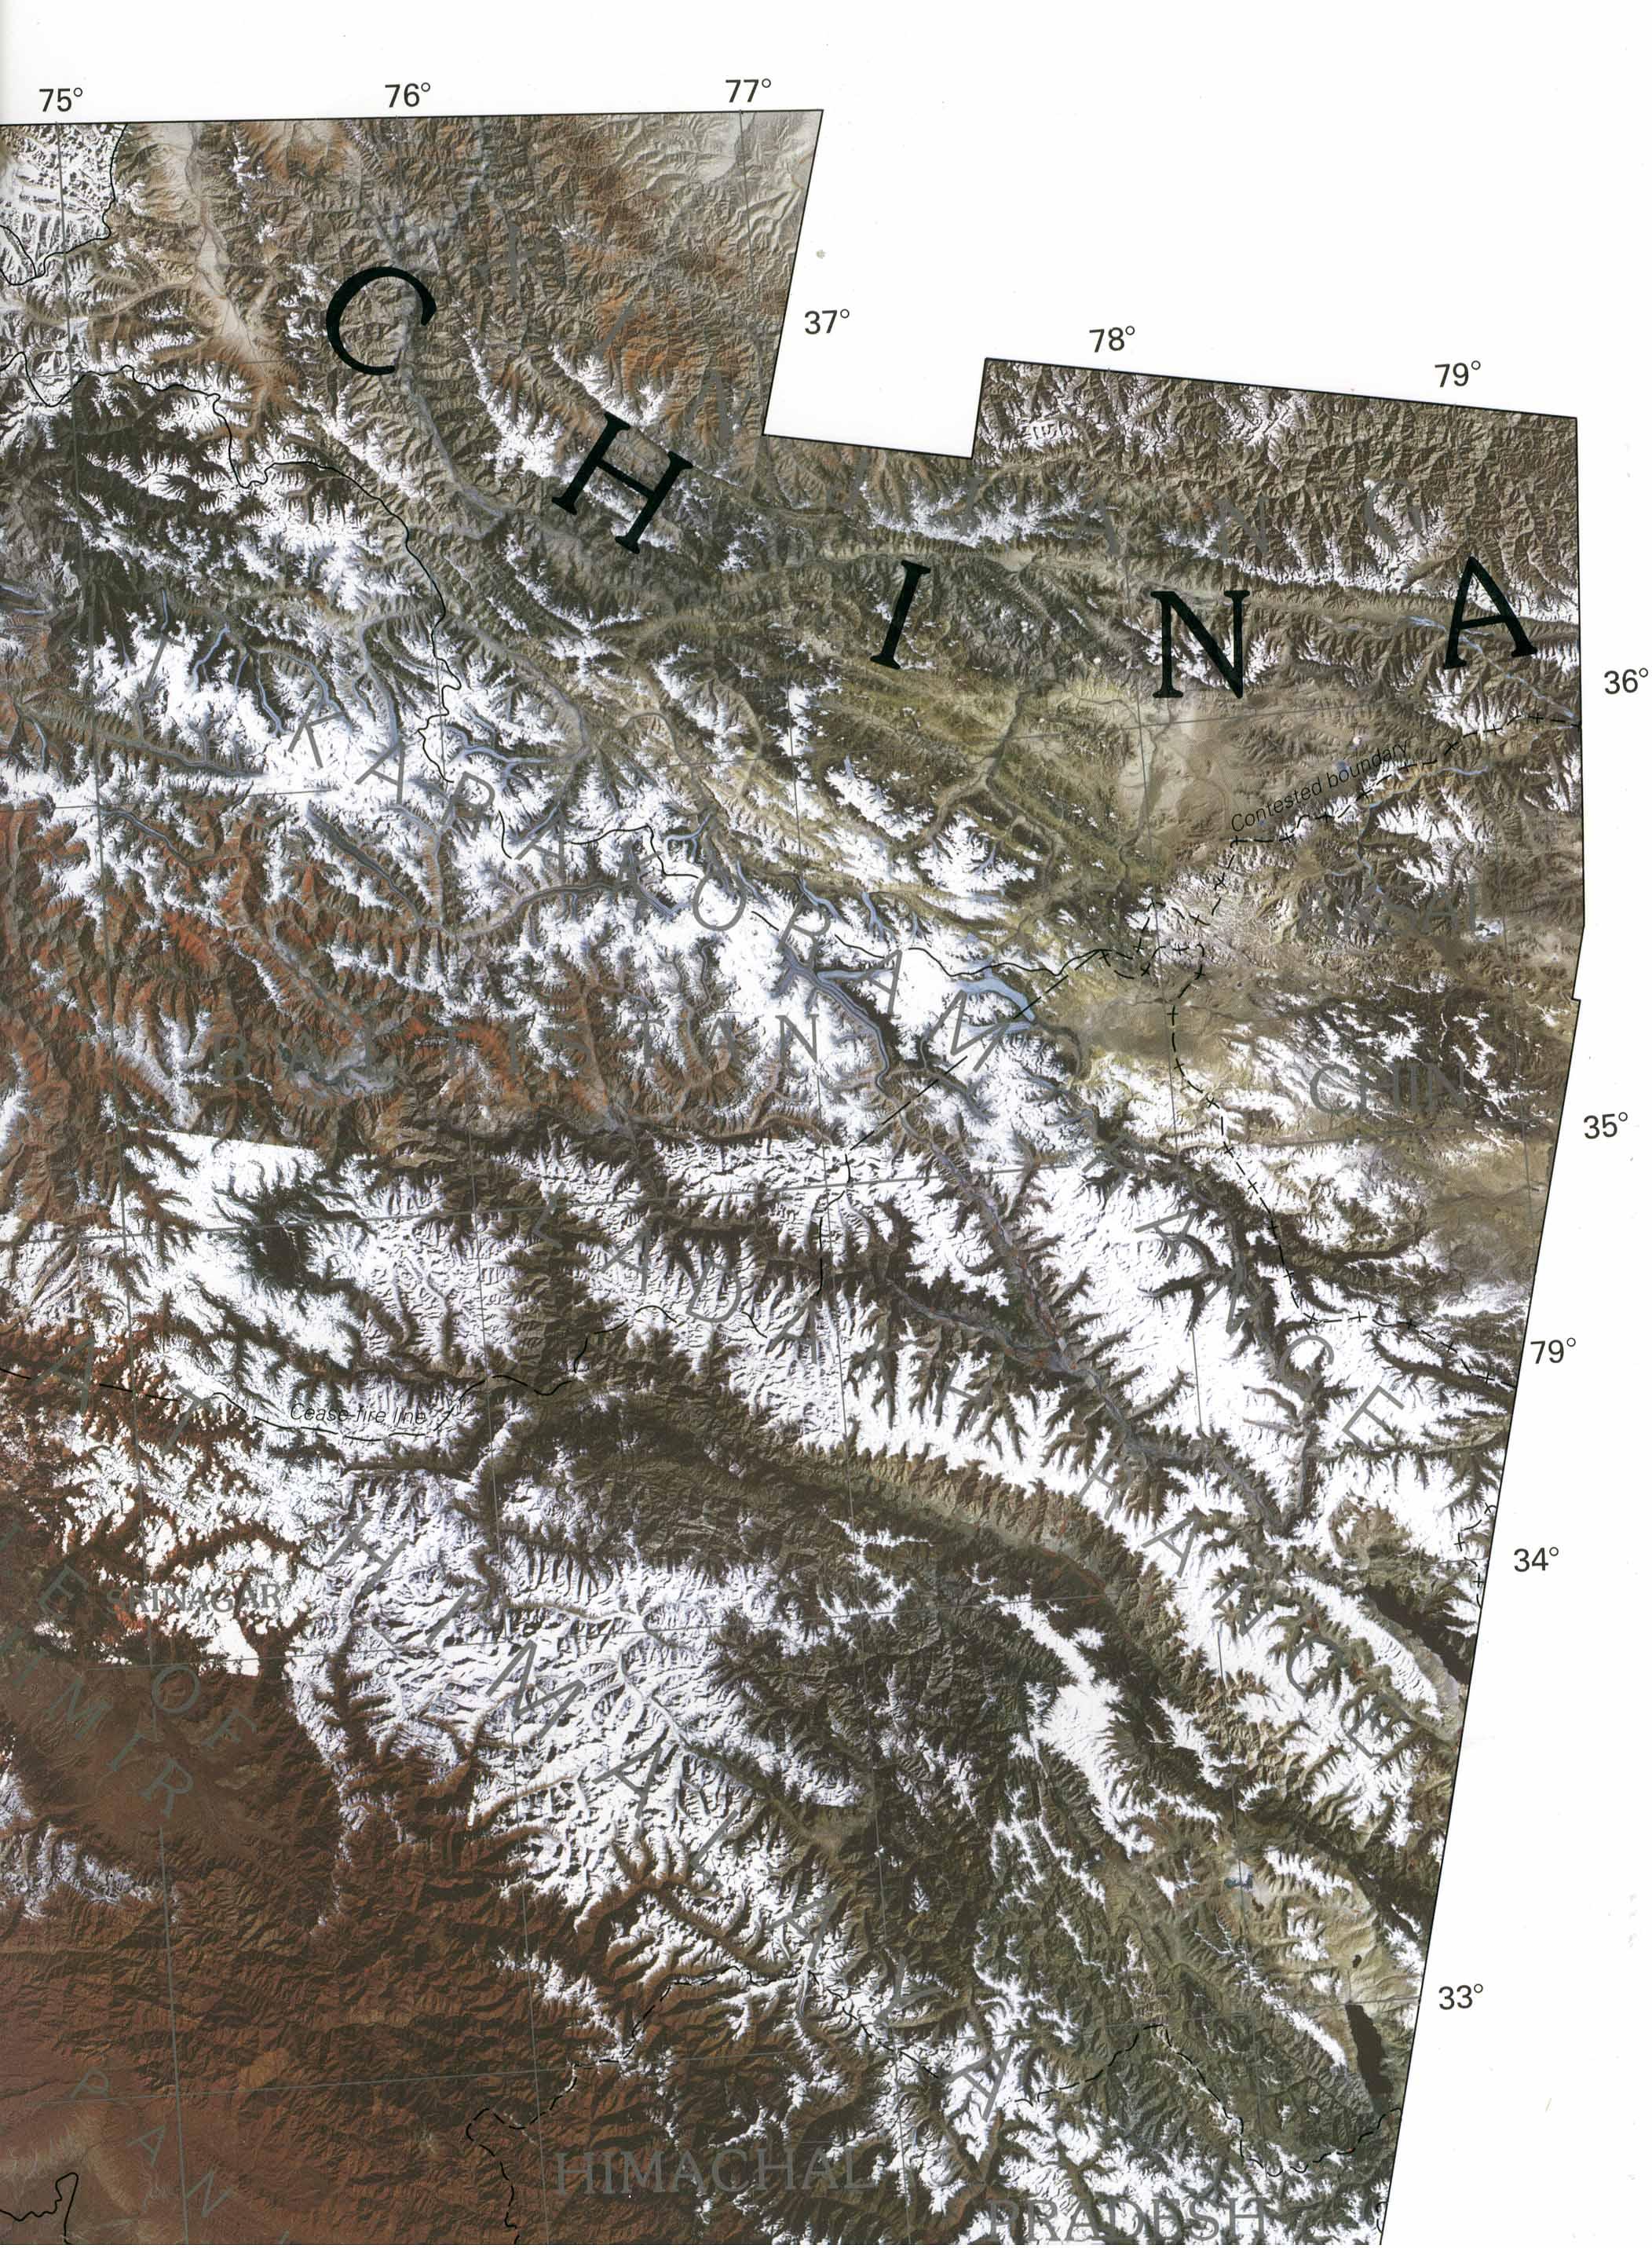 Foto, Imagen Satelite de la Sección Oriental de Cachemira y de los Territorios del Norte (Pakistán) 1997